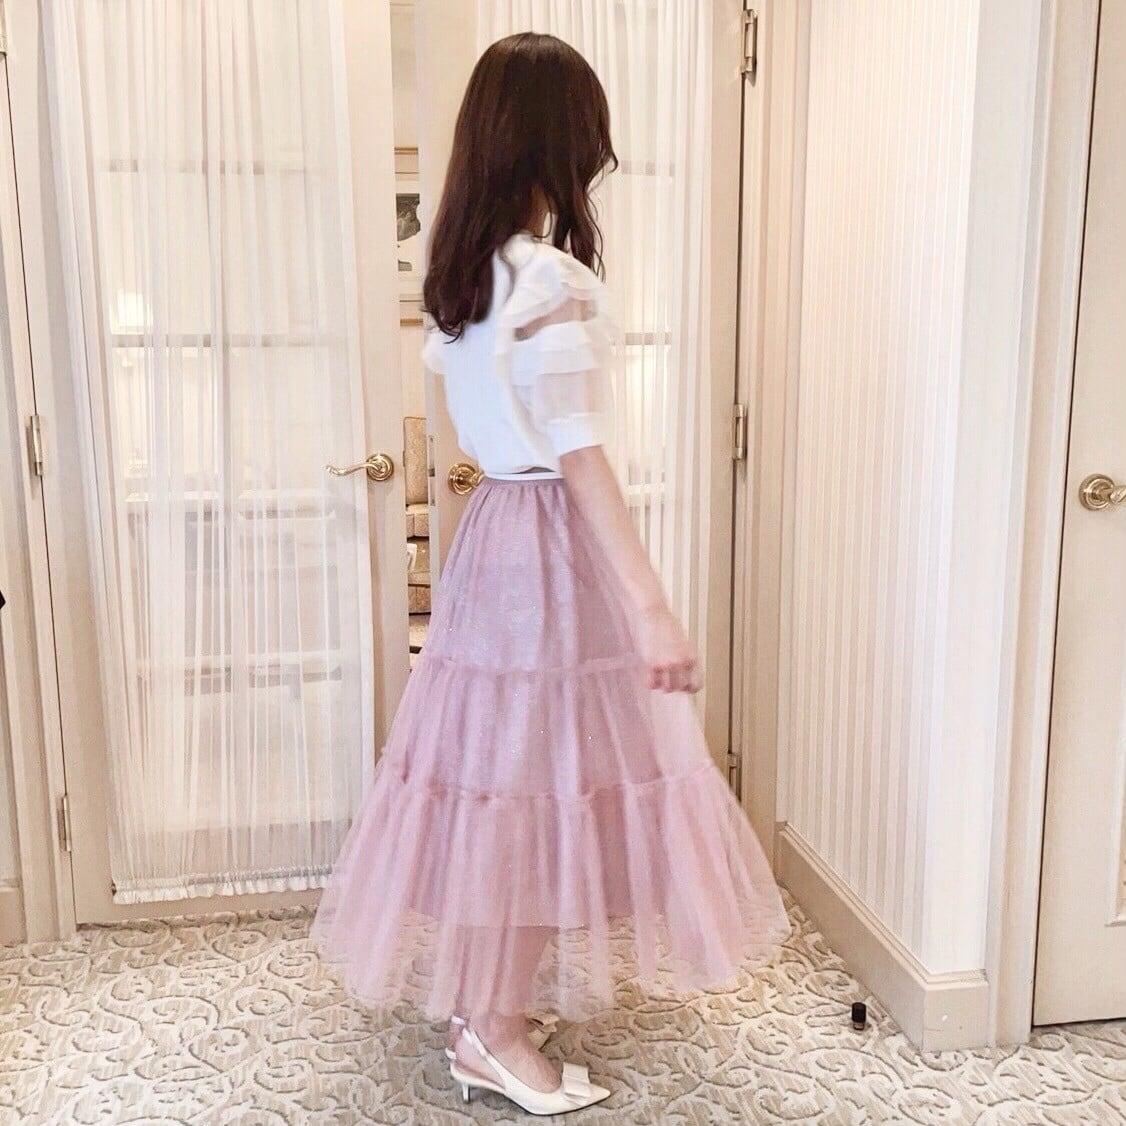 【Fluffy】チュールティアードスカート